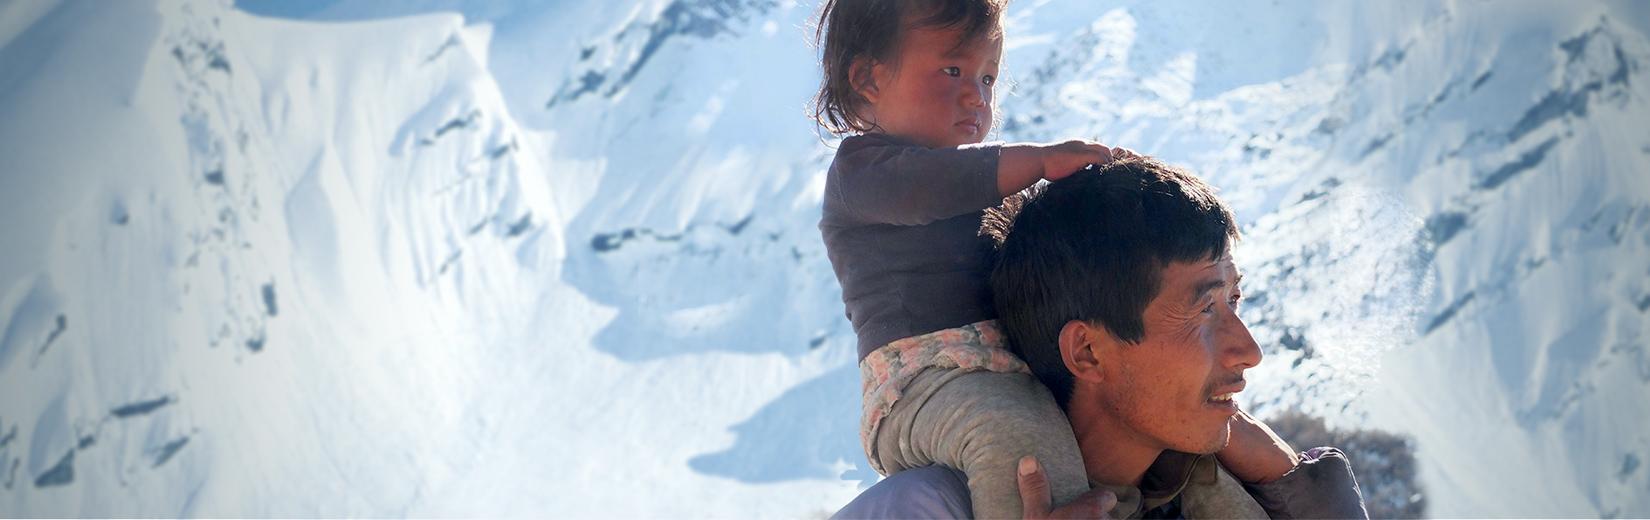 NOUS AVONS<br />BESOIN DE VOUS<br /><span>BIKRAM Solidarité Népal</span>